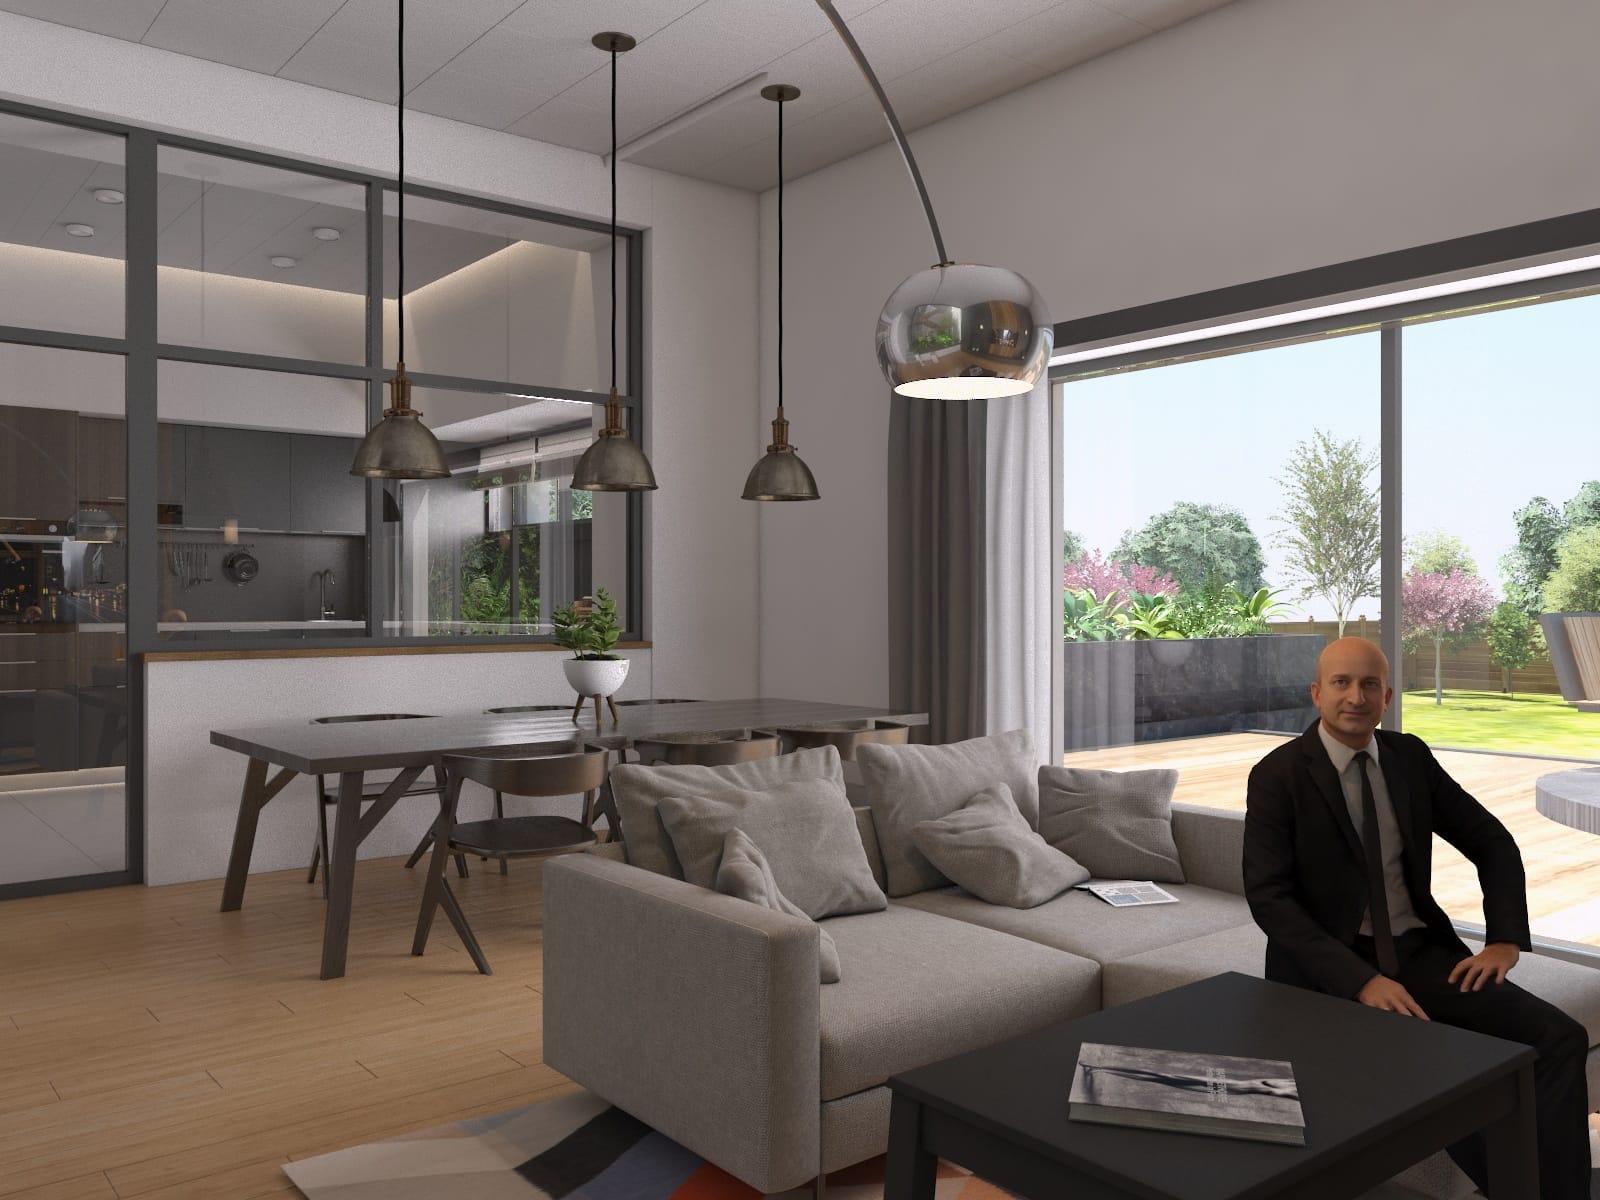 Casă modernă, arhitectură și design interior